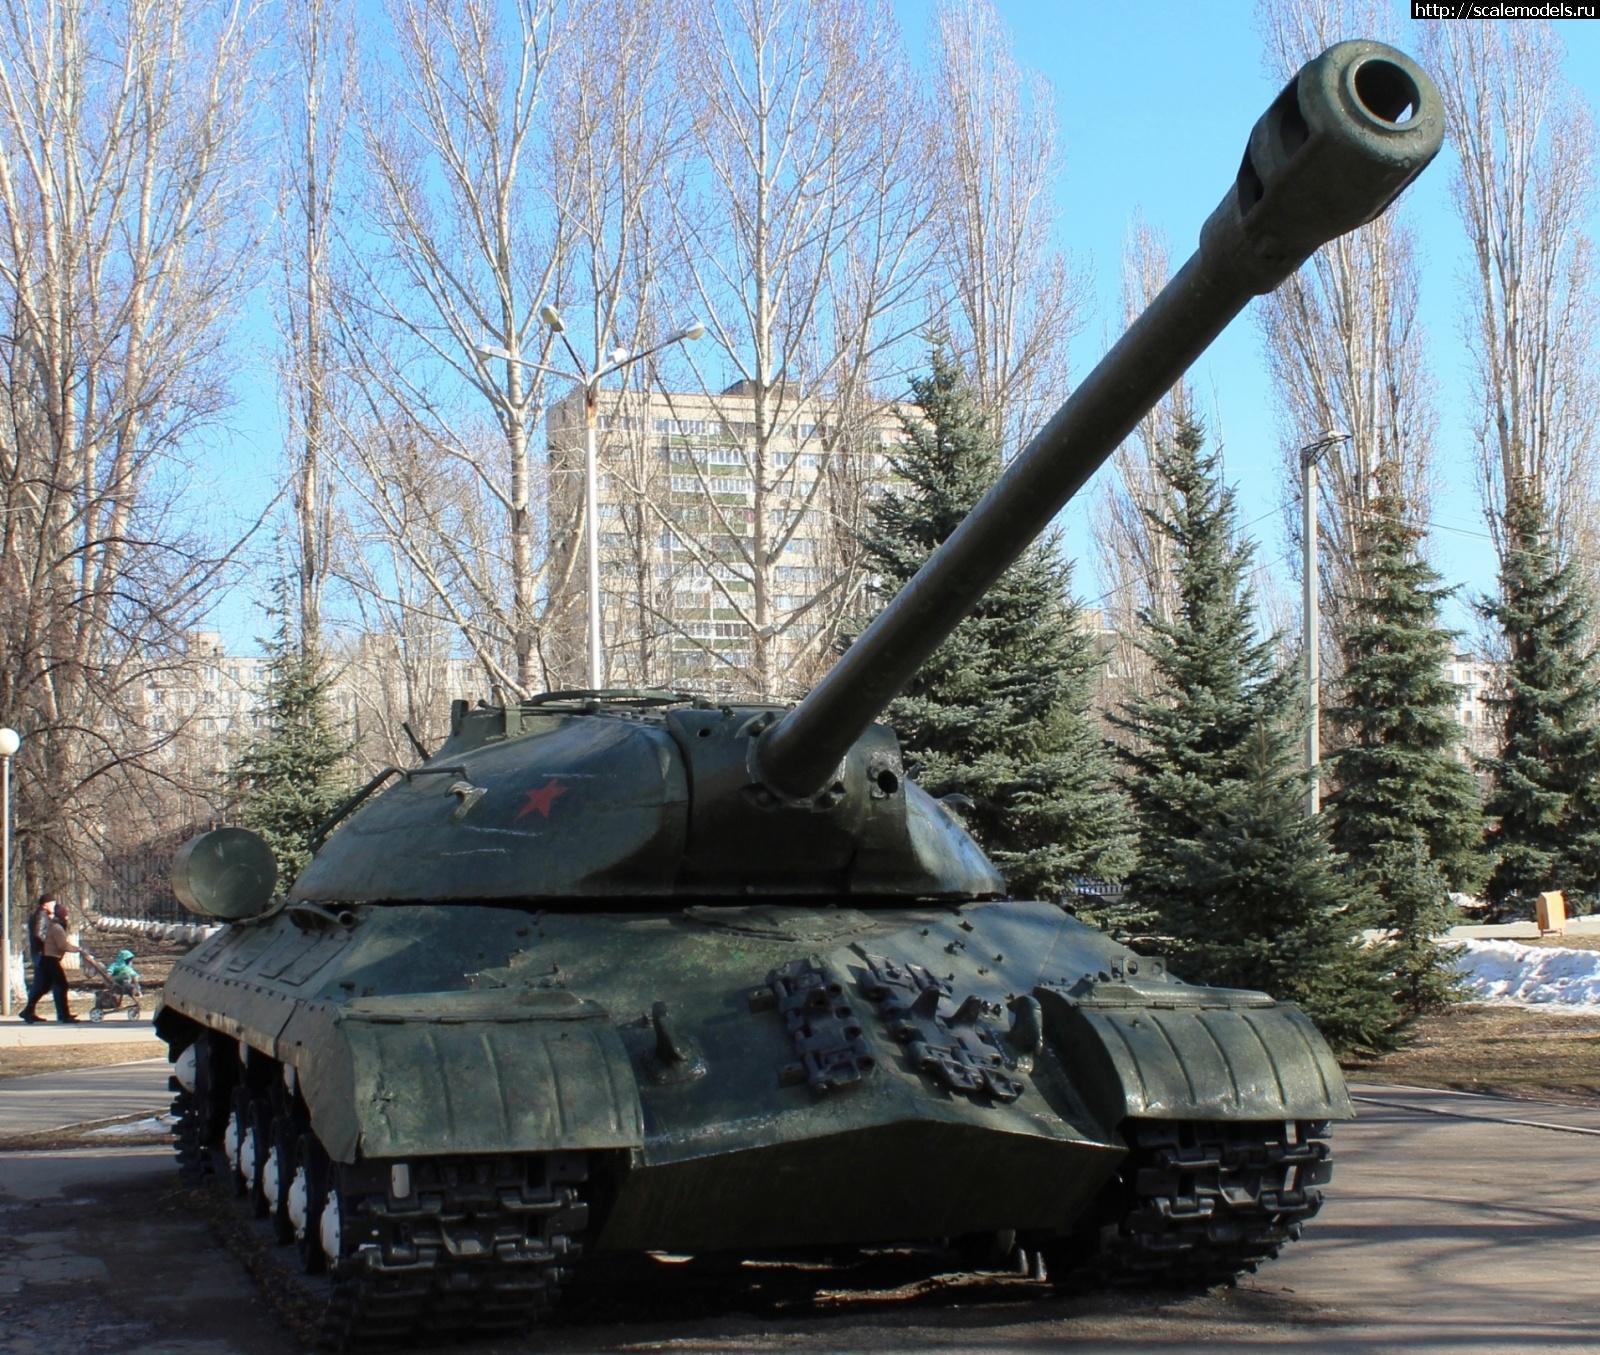 Walkaround тяжелый танк ИС-3, Парк Победы, Тольятти, Самарская область, Россия Закрыть окно